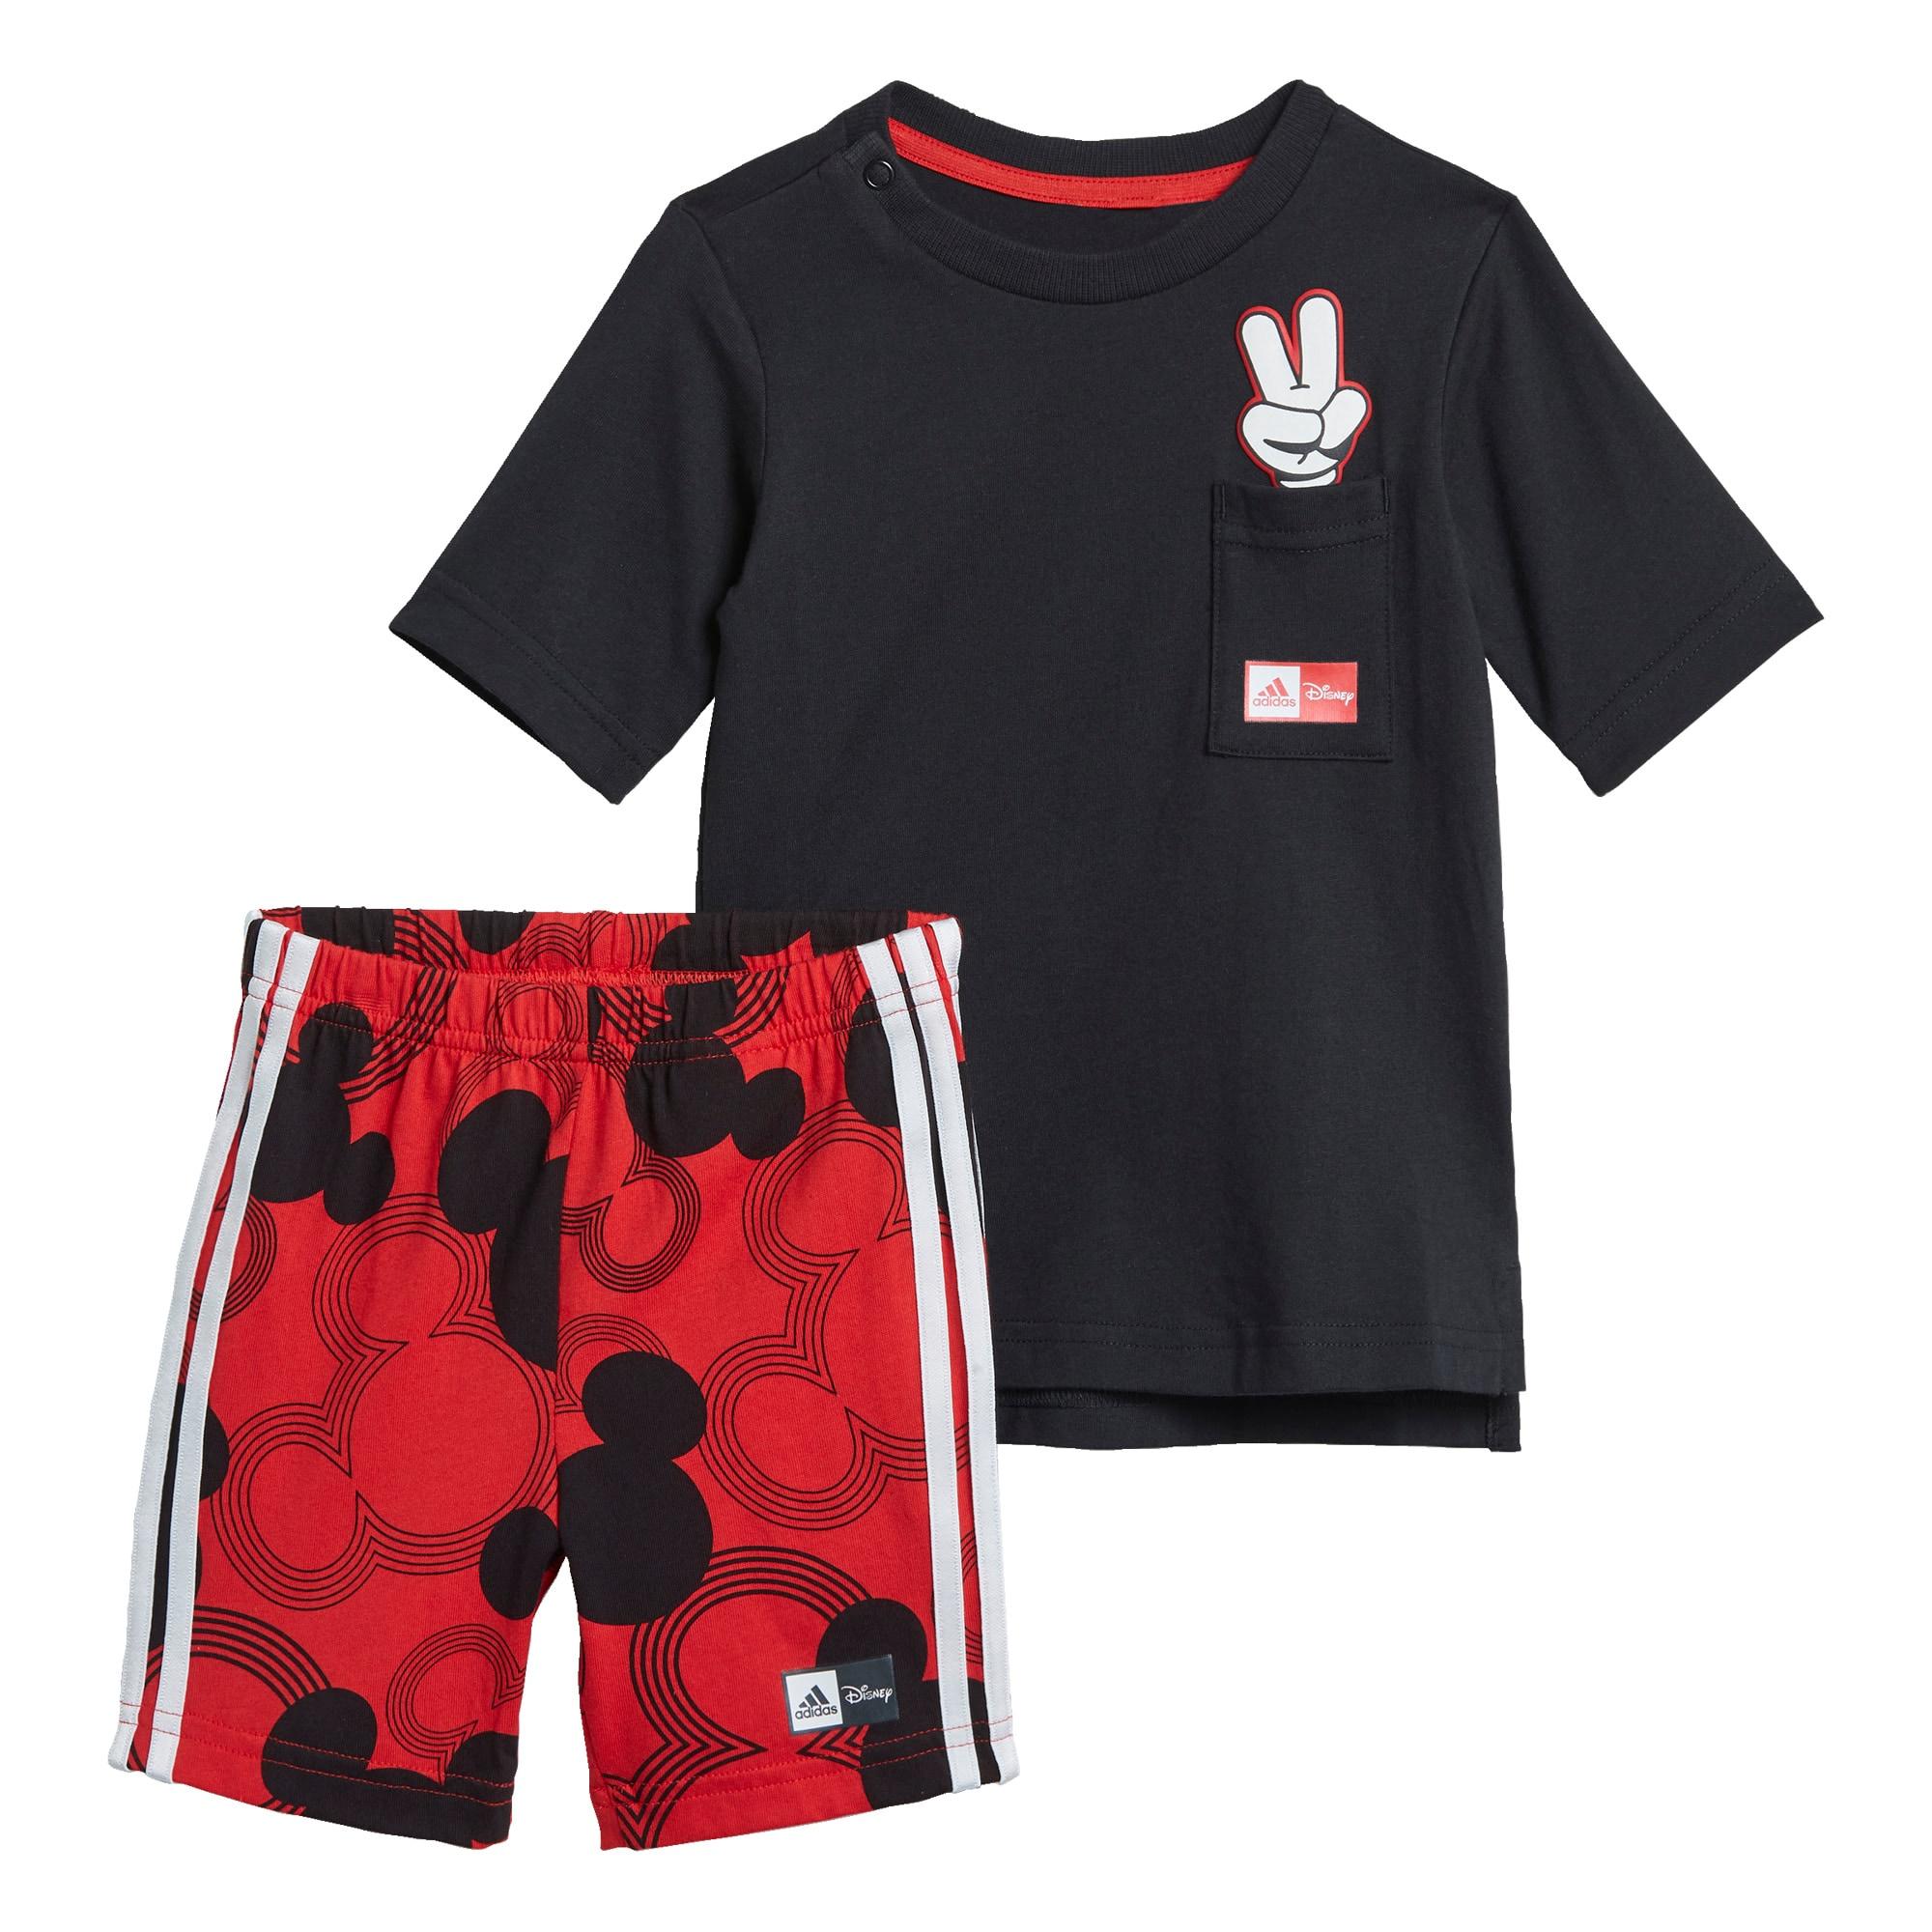 ADIDAS PERFORMANCE Treniruočių kostiumas 'Disney Mickey Mouse' juoda / raudona / balta